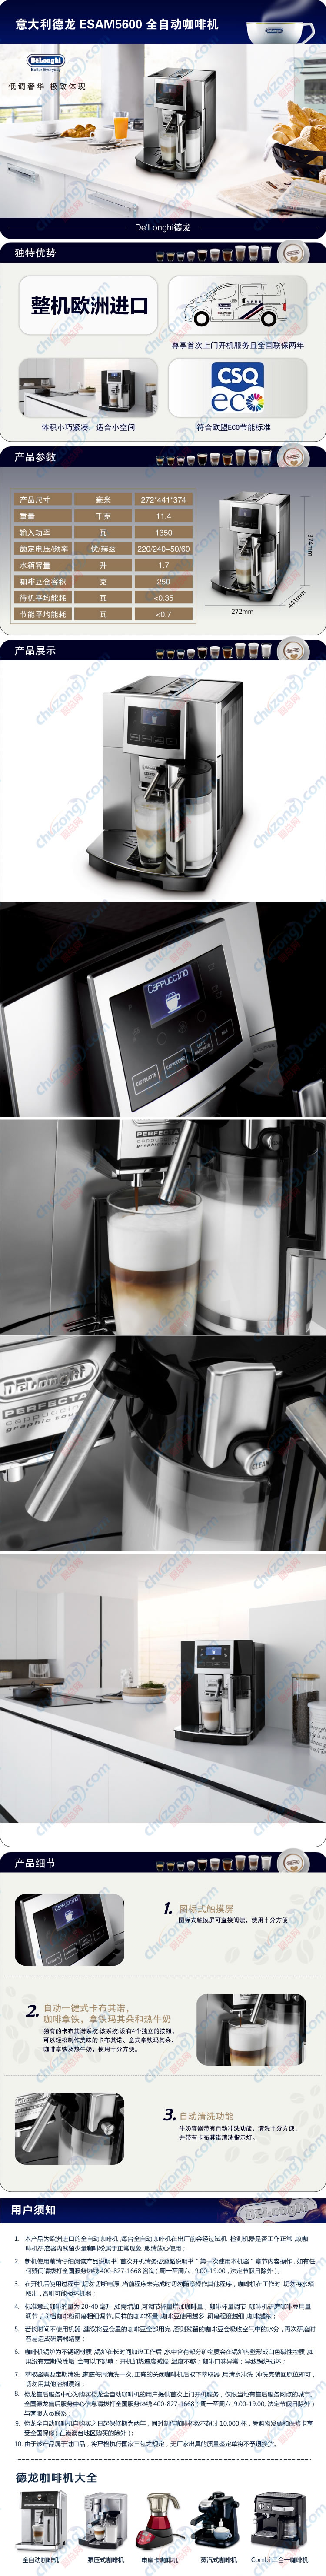 意式商用全自动咖啡机